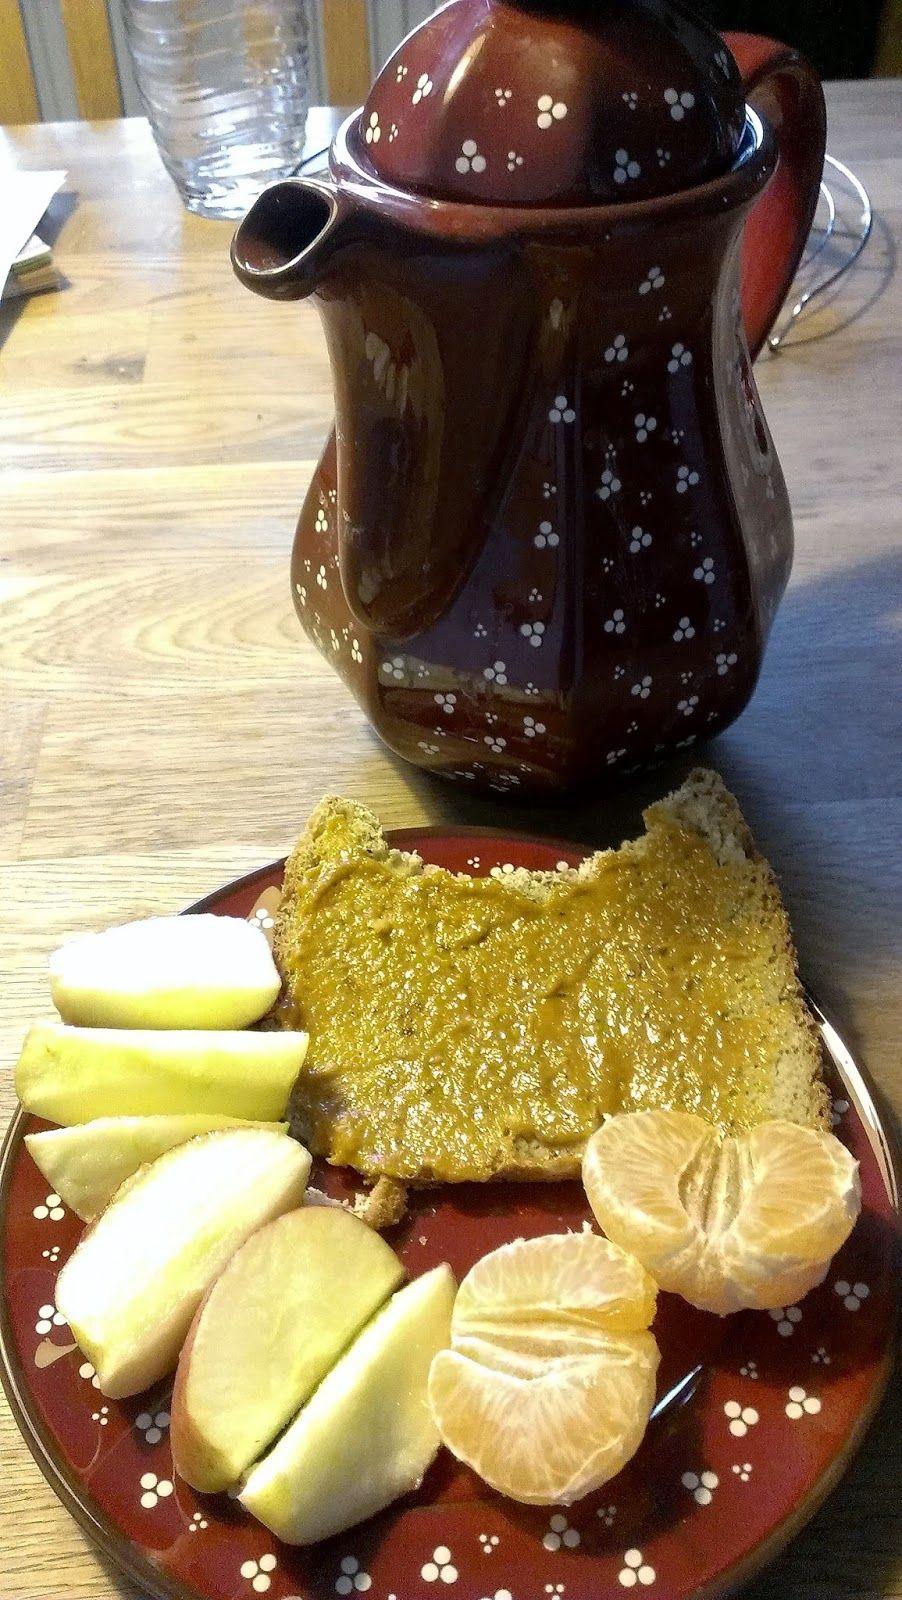 Sinahs Frühstück besteht ganz nüchtern aus Brot mit Aufstrich und Obst, dazu viel Tee